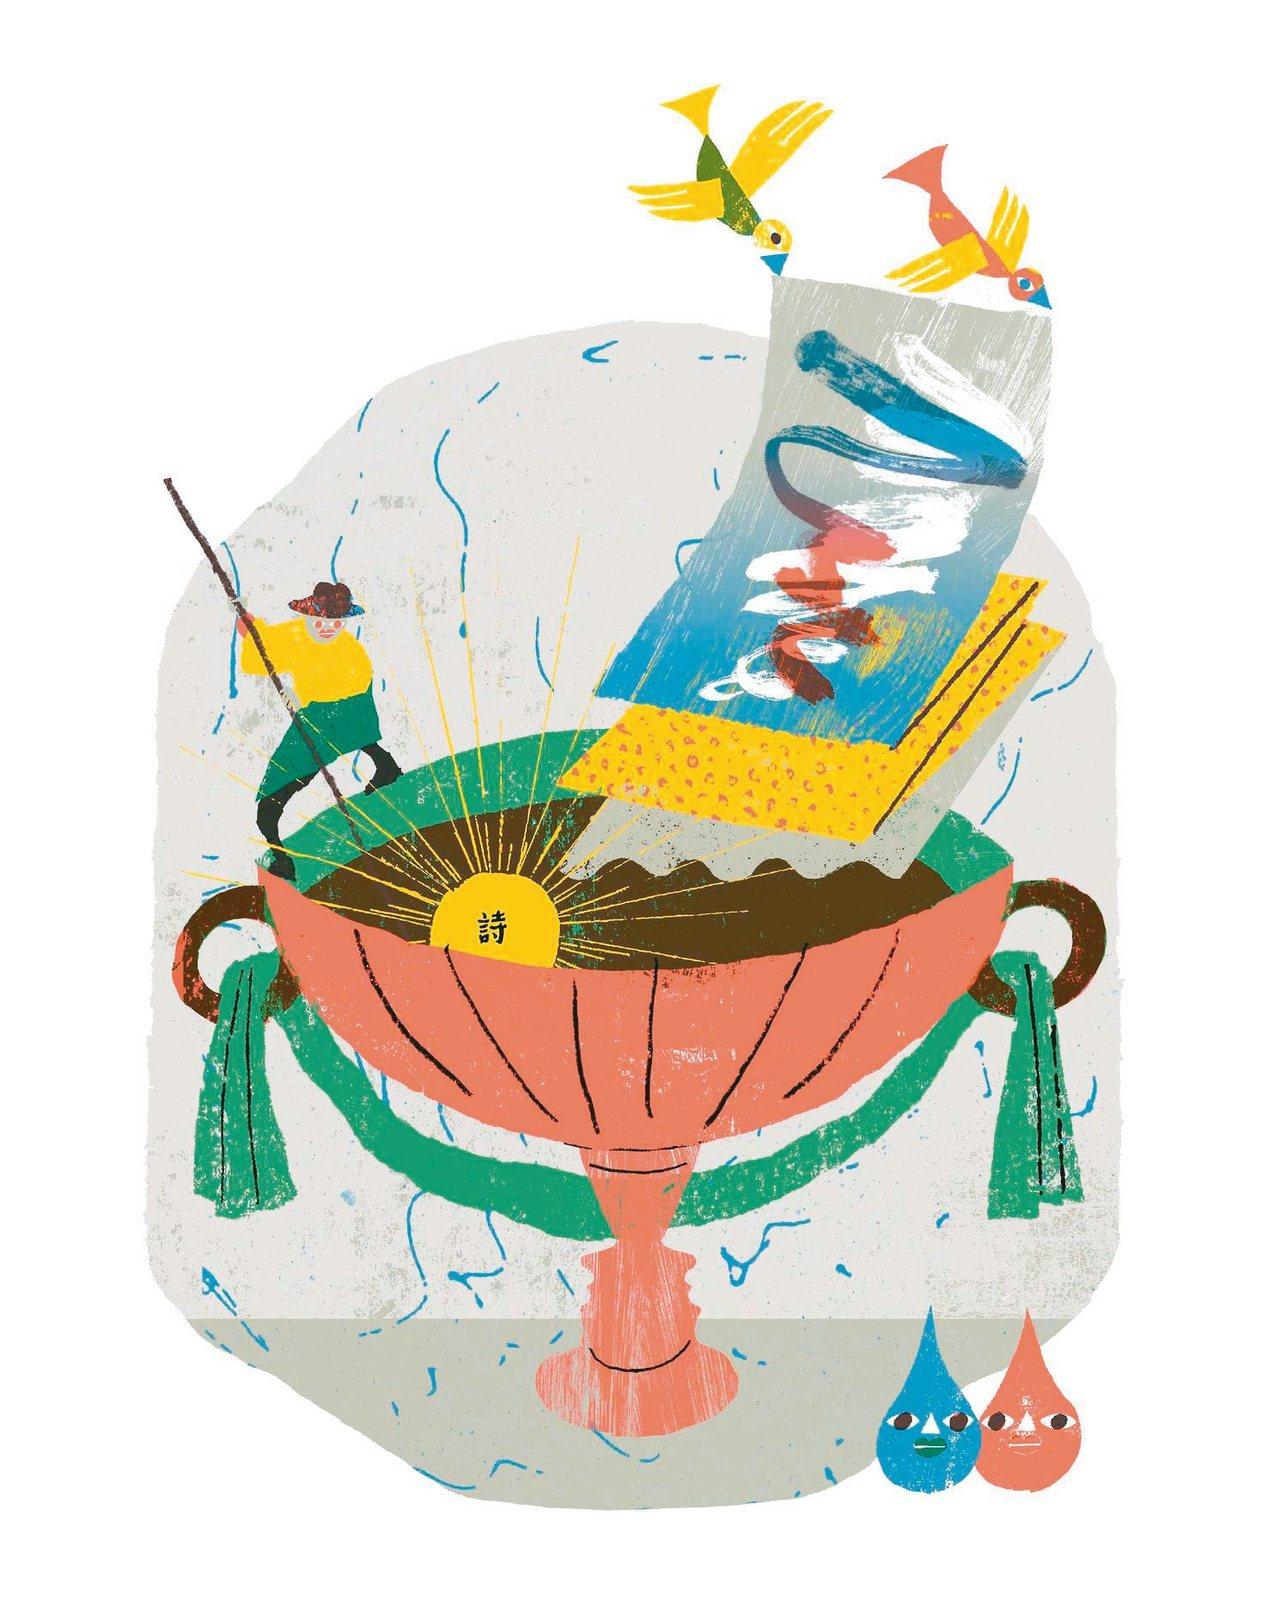 :【第十八屆台積電青年學生文學獎】倒數第6天,5月11日截止